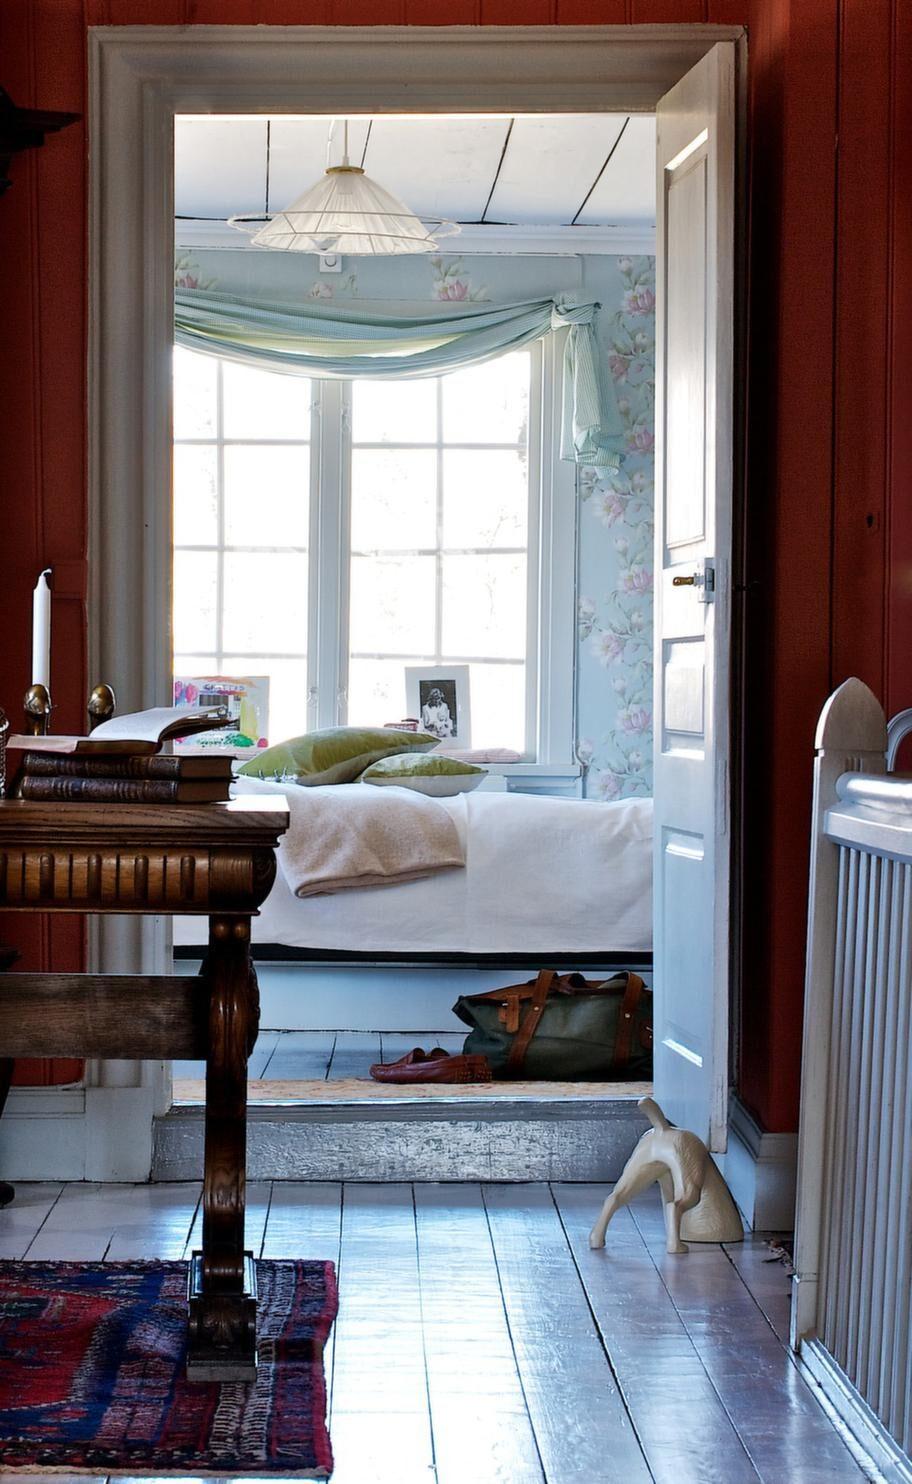 ROMANTISKT. Den vackra Carl Larsson-lampan med organzatyg i sovrummet är som pricken över i. Humoristisk dörrstopp i form av en liten hund.